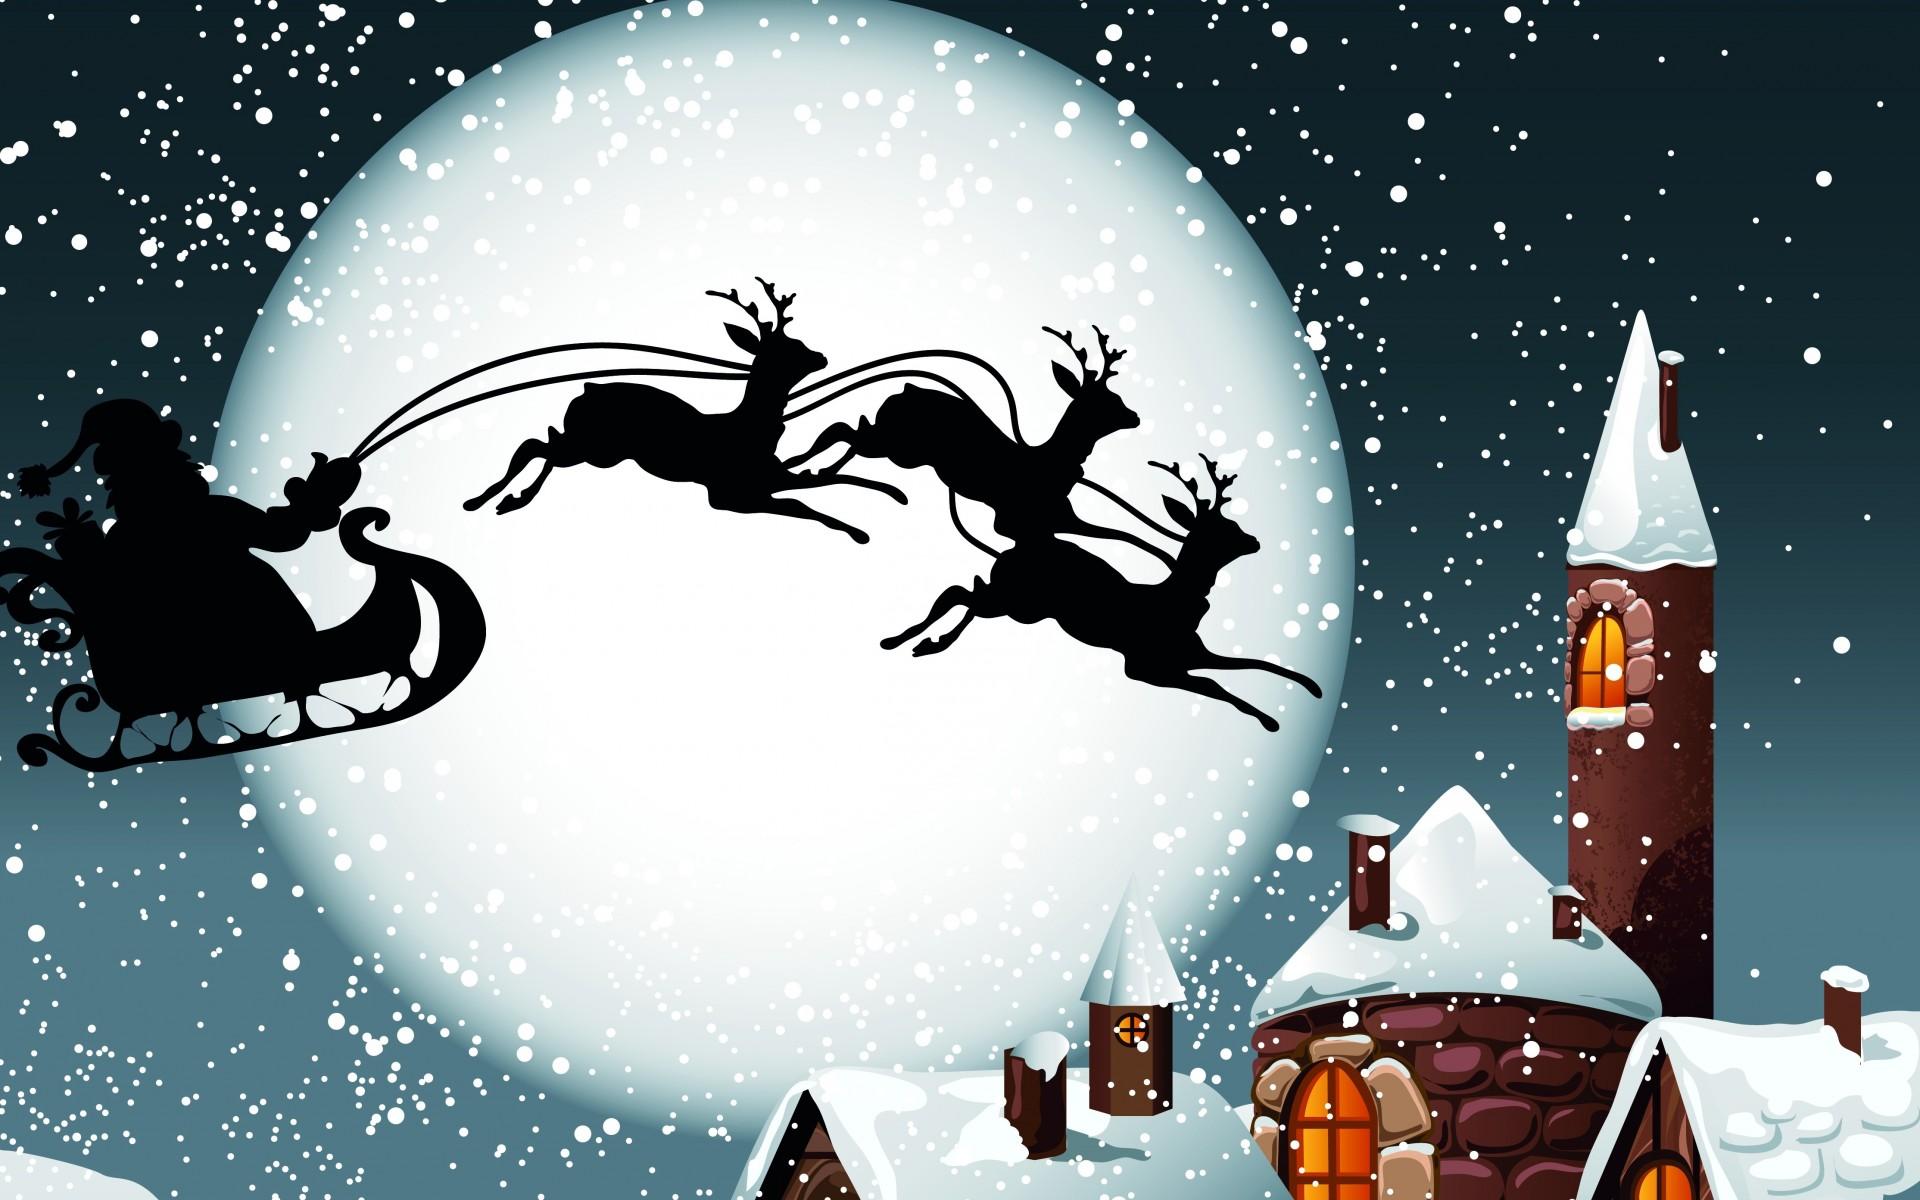 Christmas Reindeer Iphone Wallpaper Holidays Christmas Reindeer